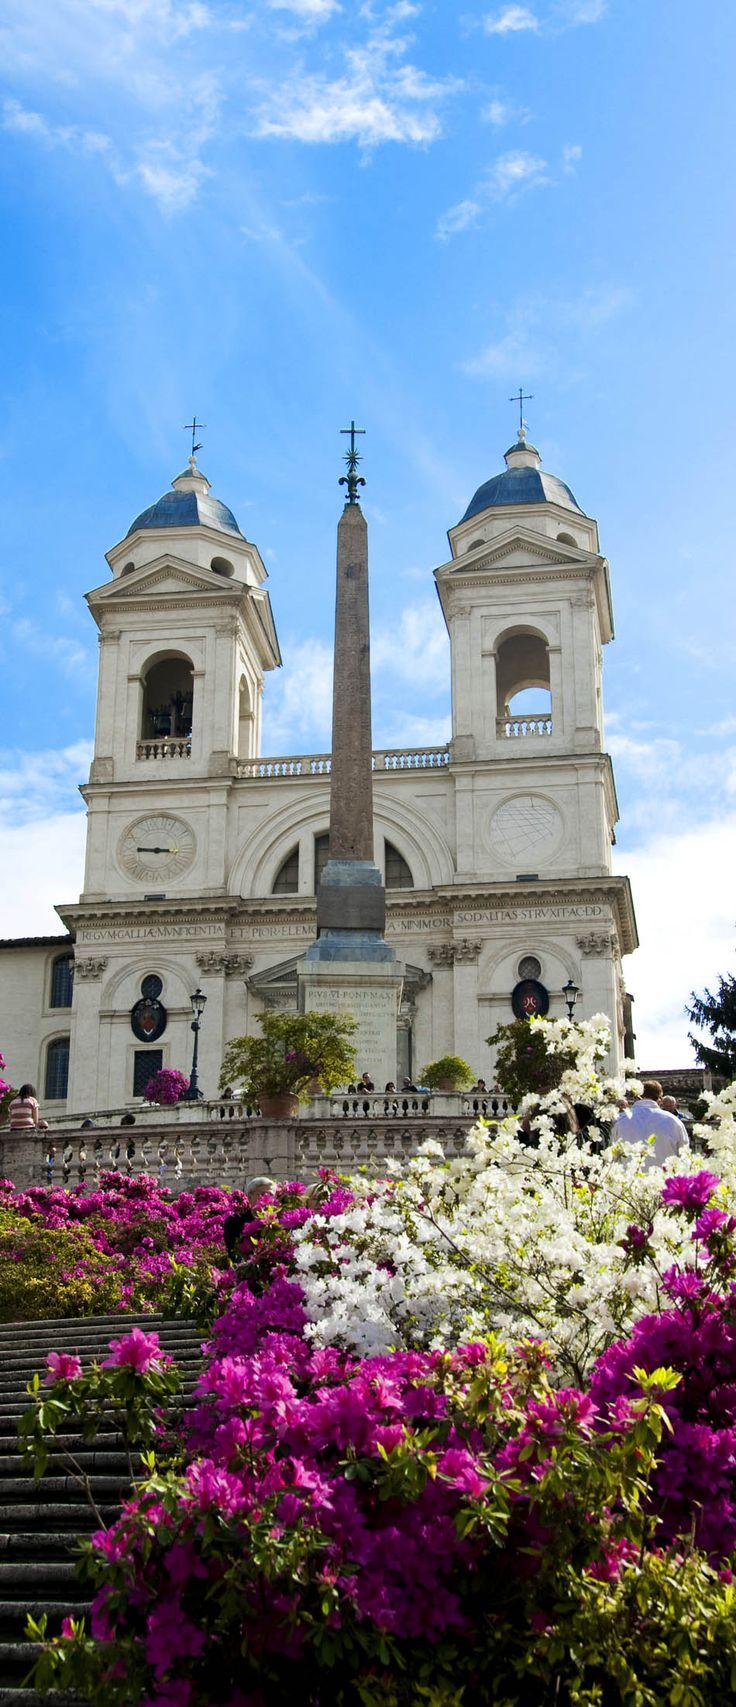 スペイン広場のトリニタ・ディ・モンティ教会. ローマ 旅行・観光おすすめ見所!